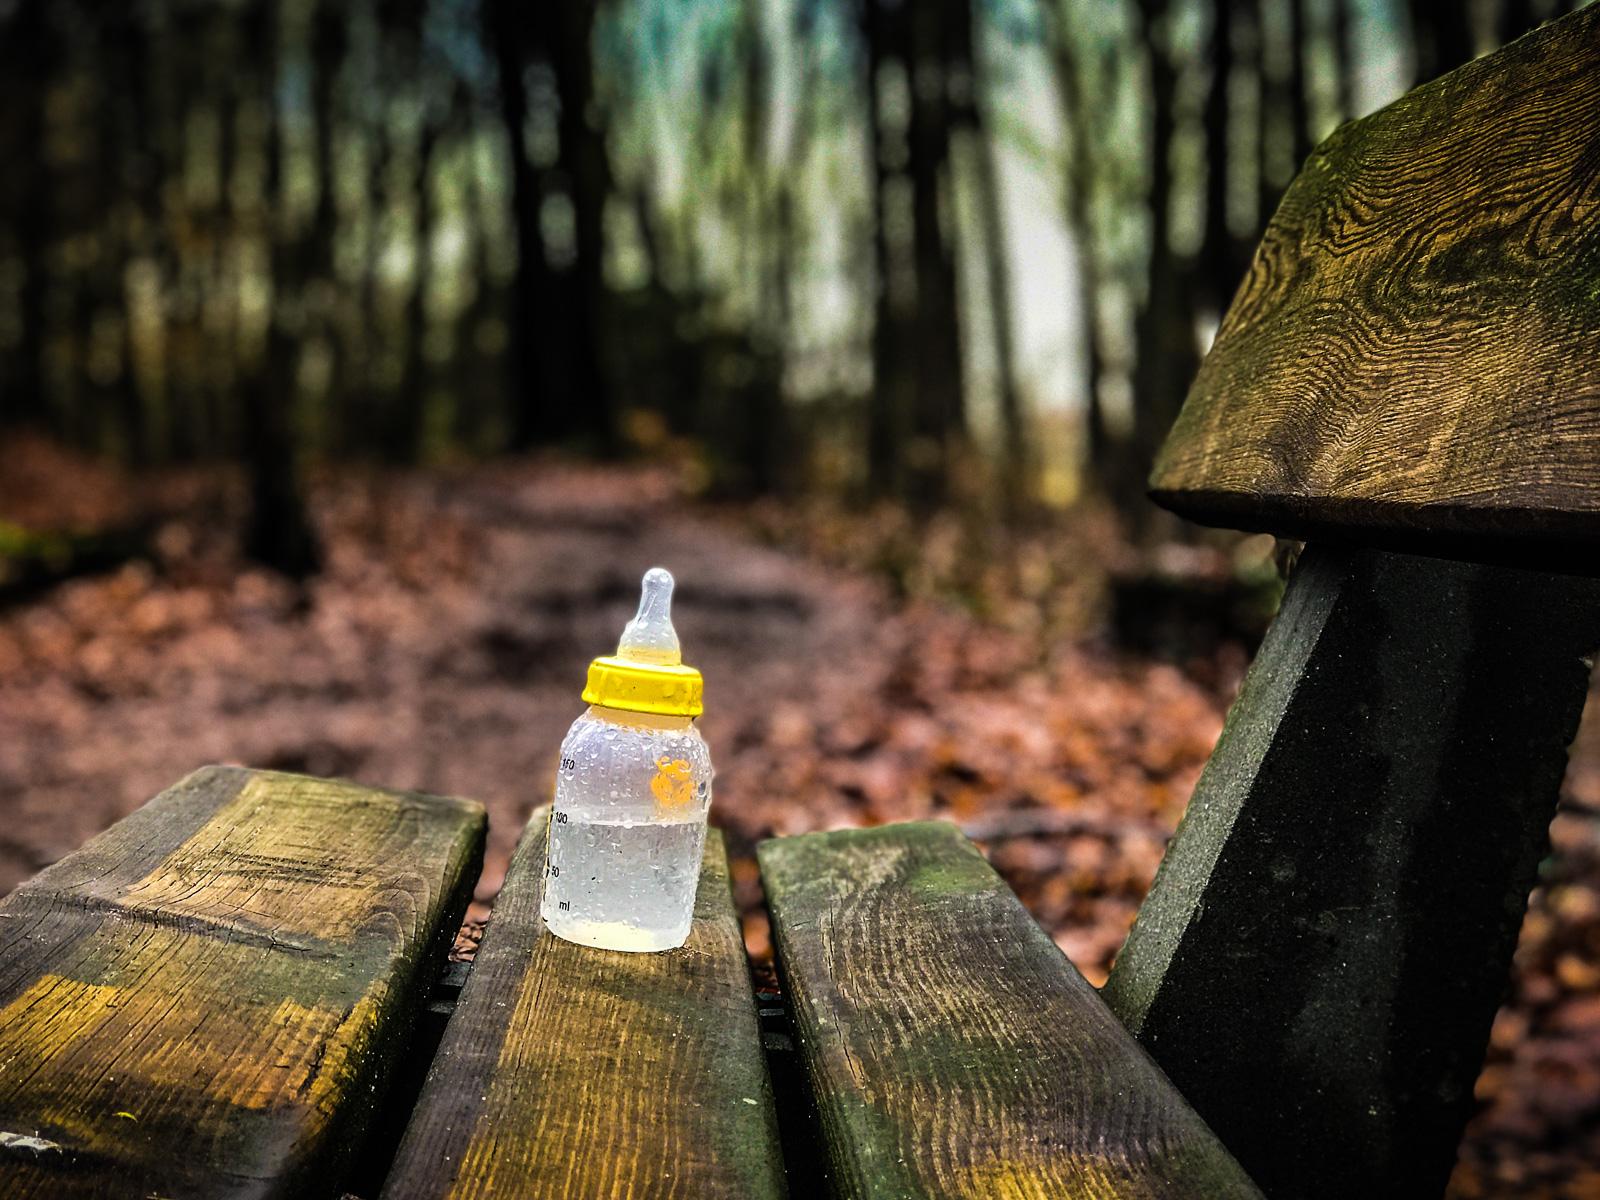 Nuckelflasche auf nasser Bank im Wald